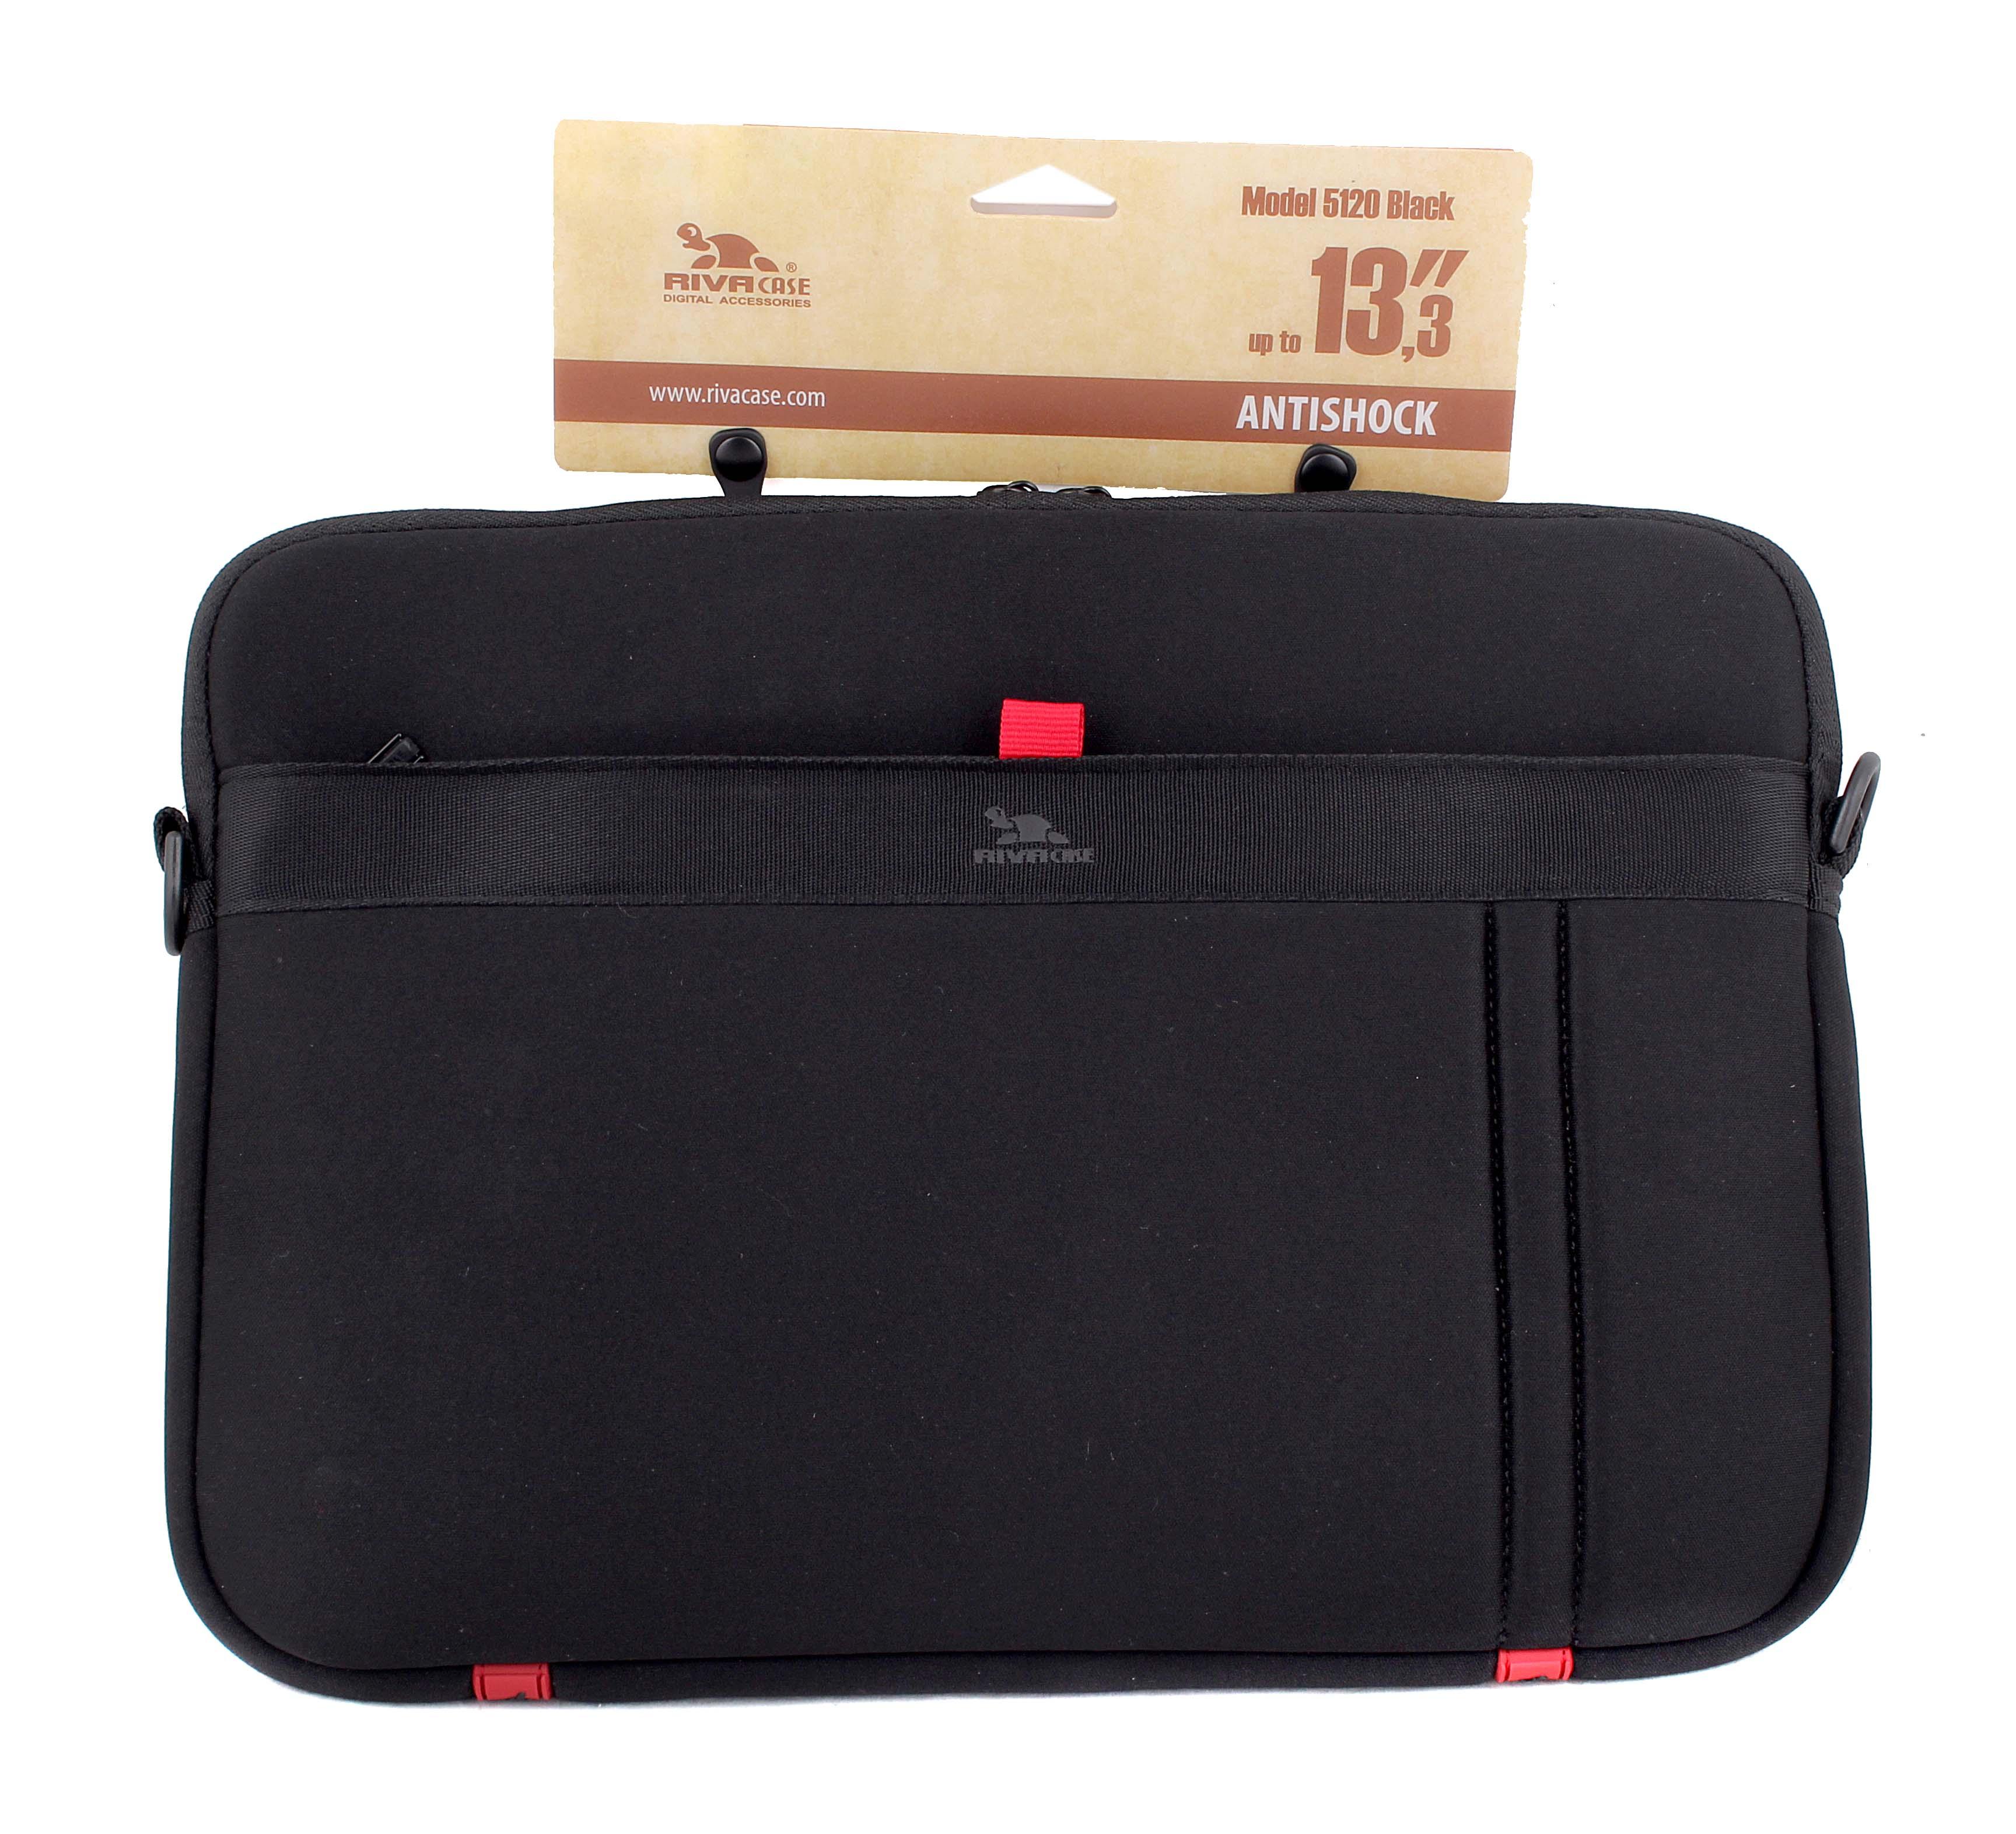 Кейс для ноутбука Riva case Real Brand Technics 850.000